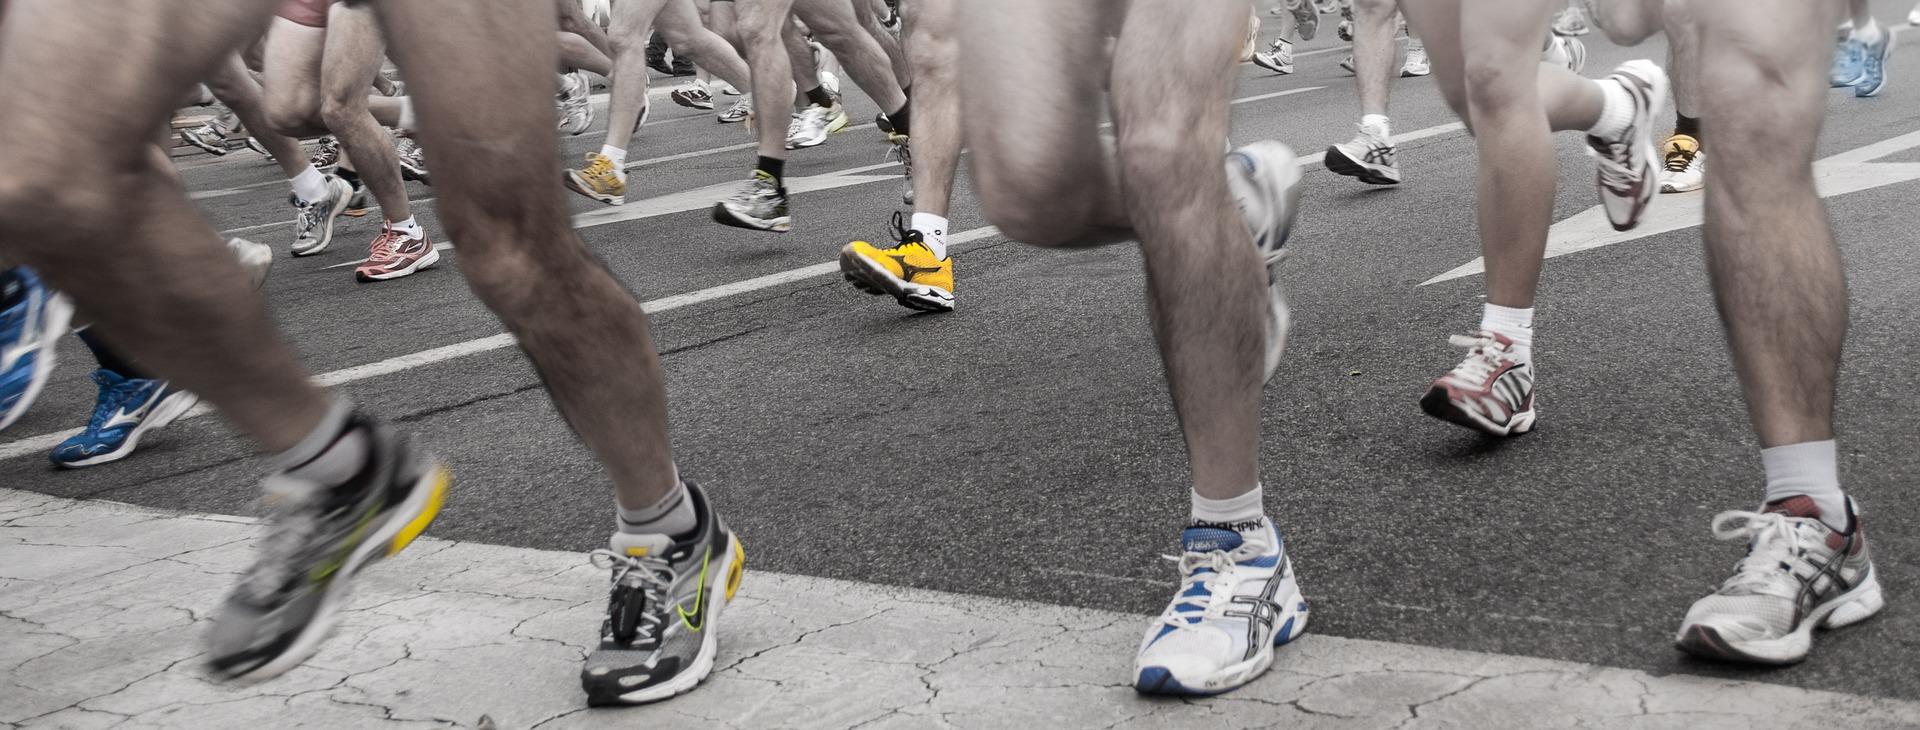 shoes-1265438_1920